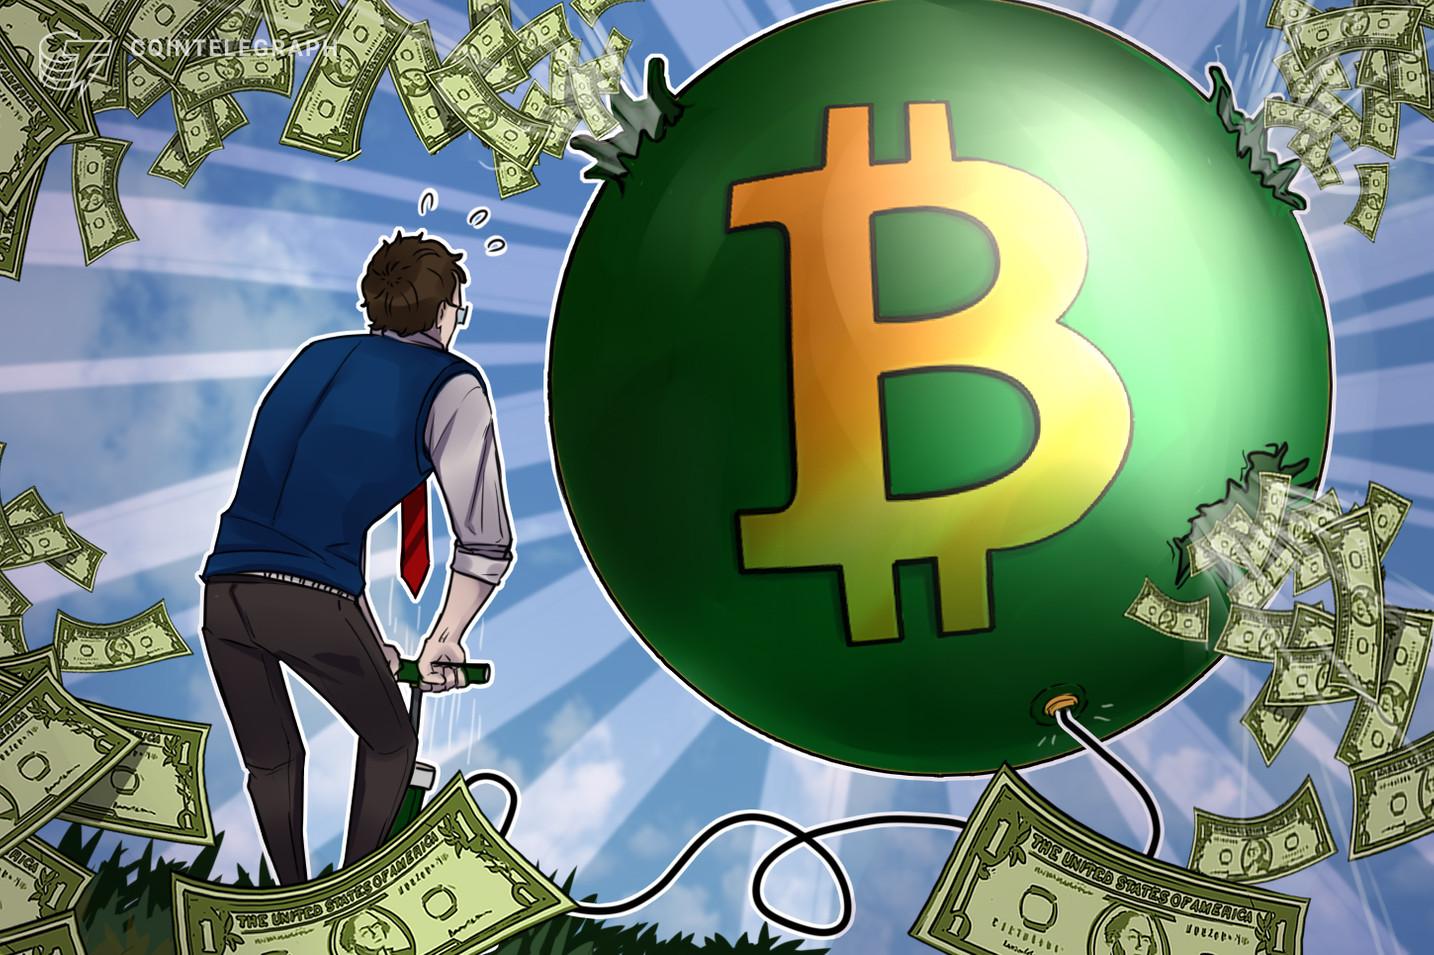 Umfrage: 74 Prozent aller professionellen Investoren sehen Bitcoin als Spekulationsblase